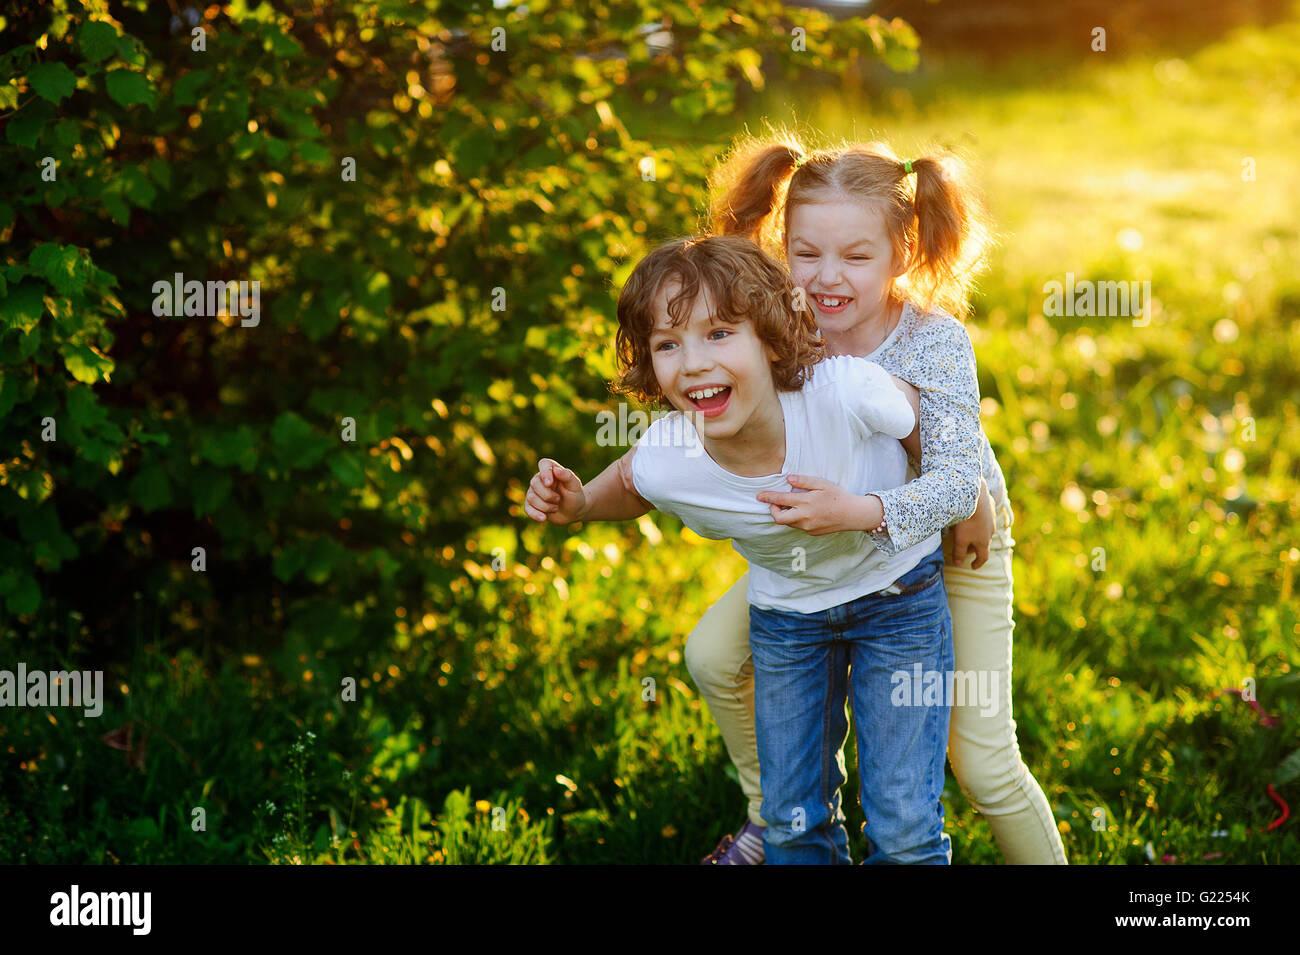 Biondo ragazzo e ragazza parco giochi Immagini Stock